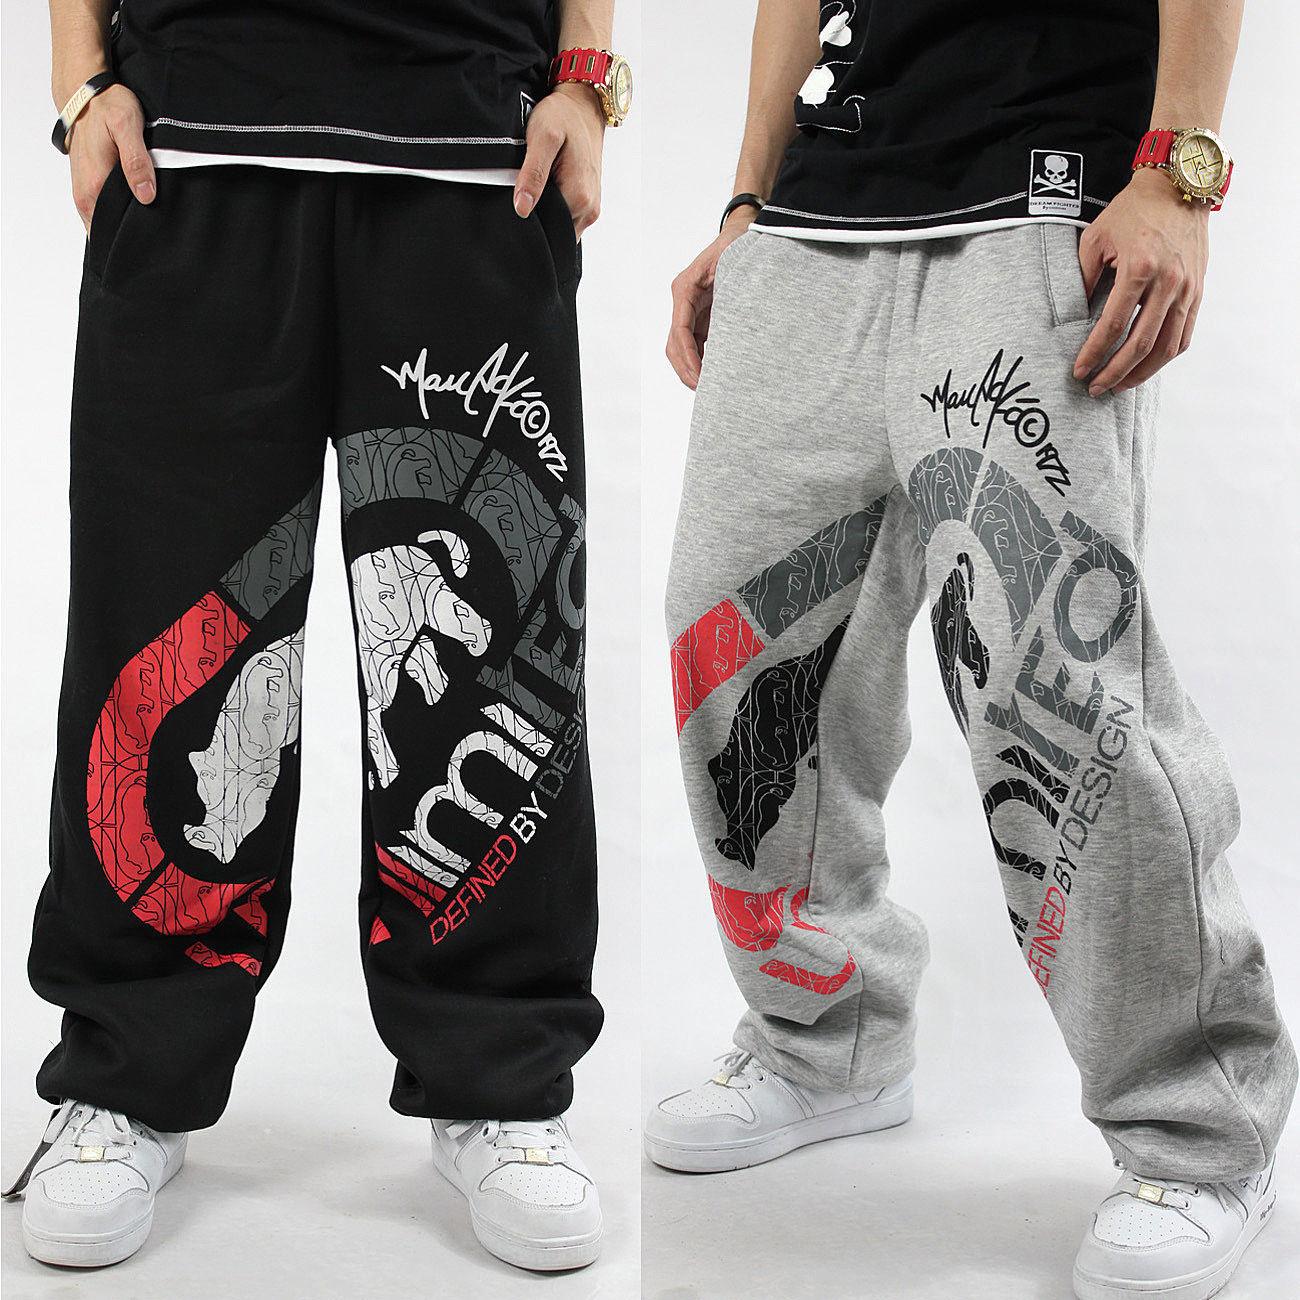 Ecko Unltd. Pants Clothing, Shoes & Accessories | Sweatpants